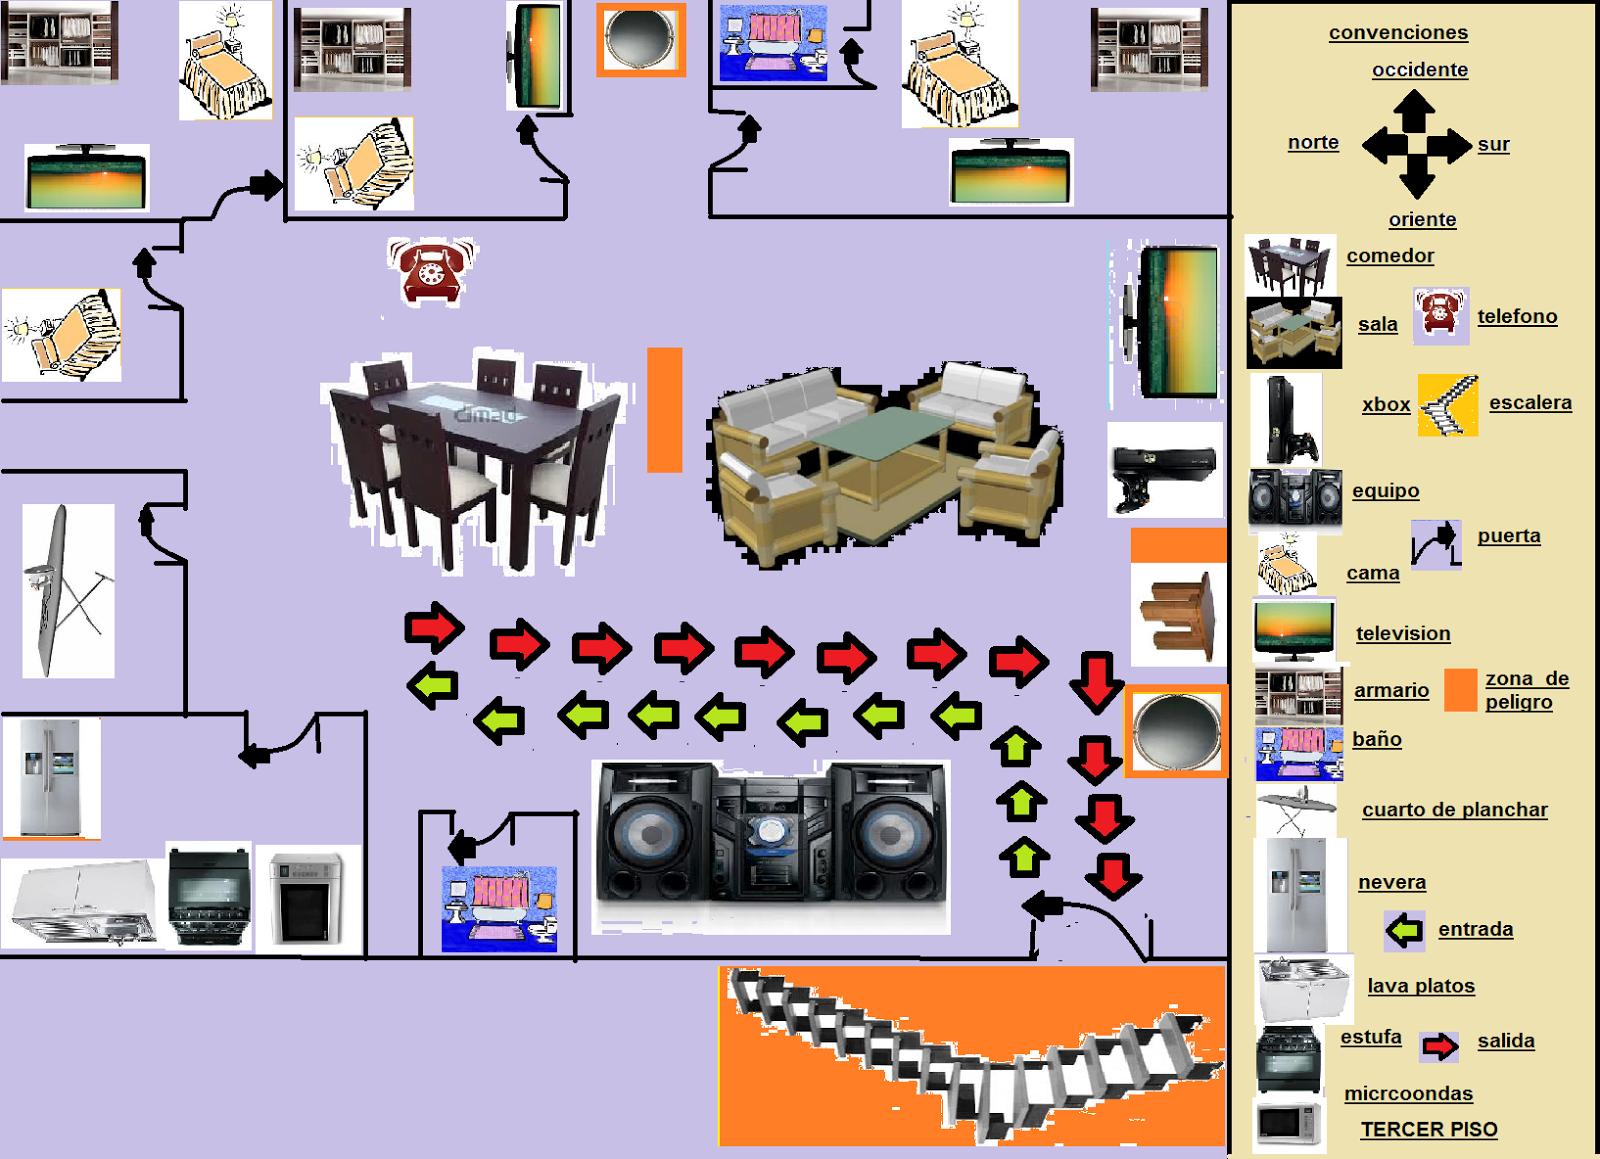 primeros auxilios y prevención de desastres: MAPA DE SOACHA Y MI CASA